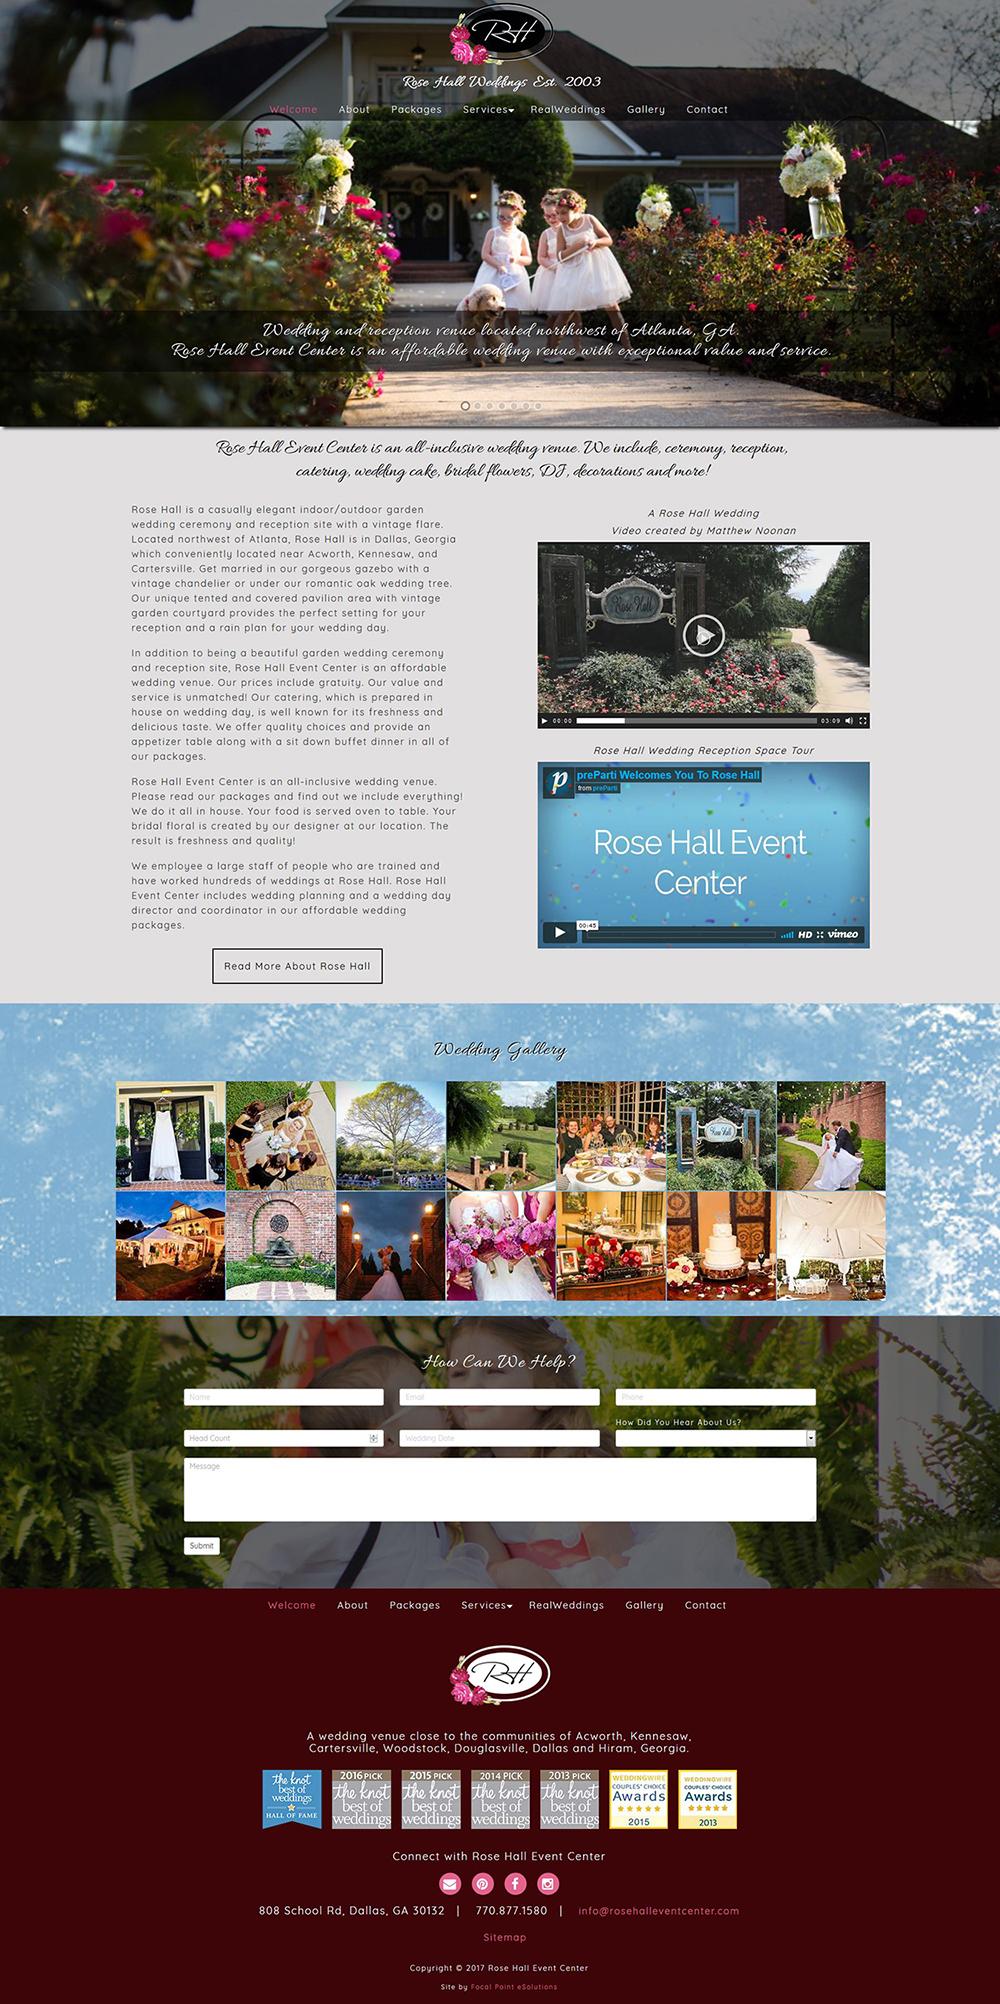 Rose Hall Event Center Wedding And Reception Venue Near Atlanta